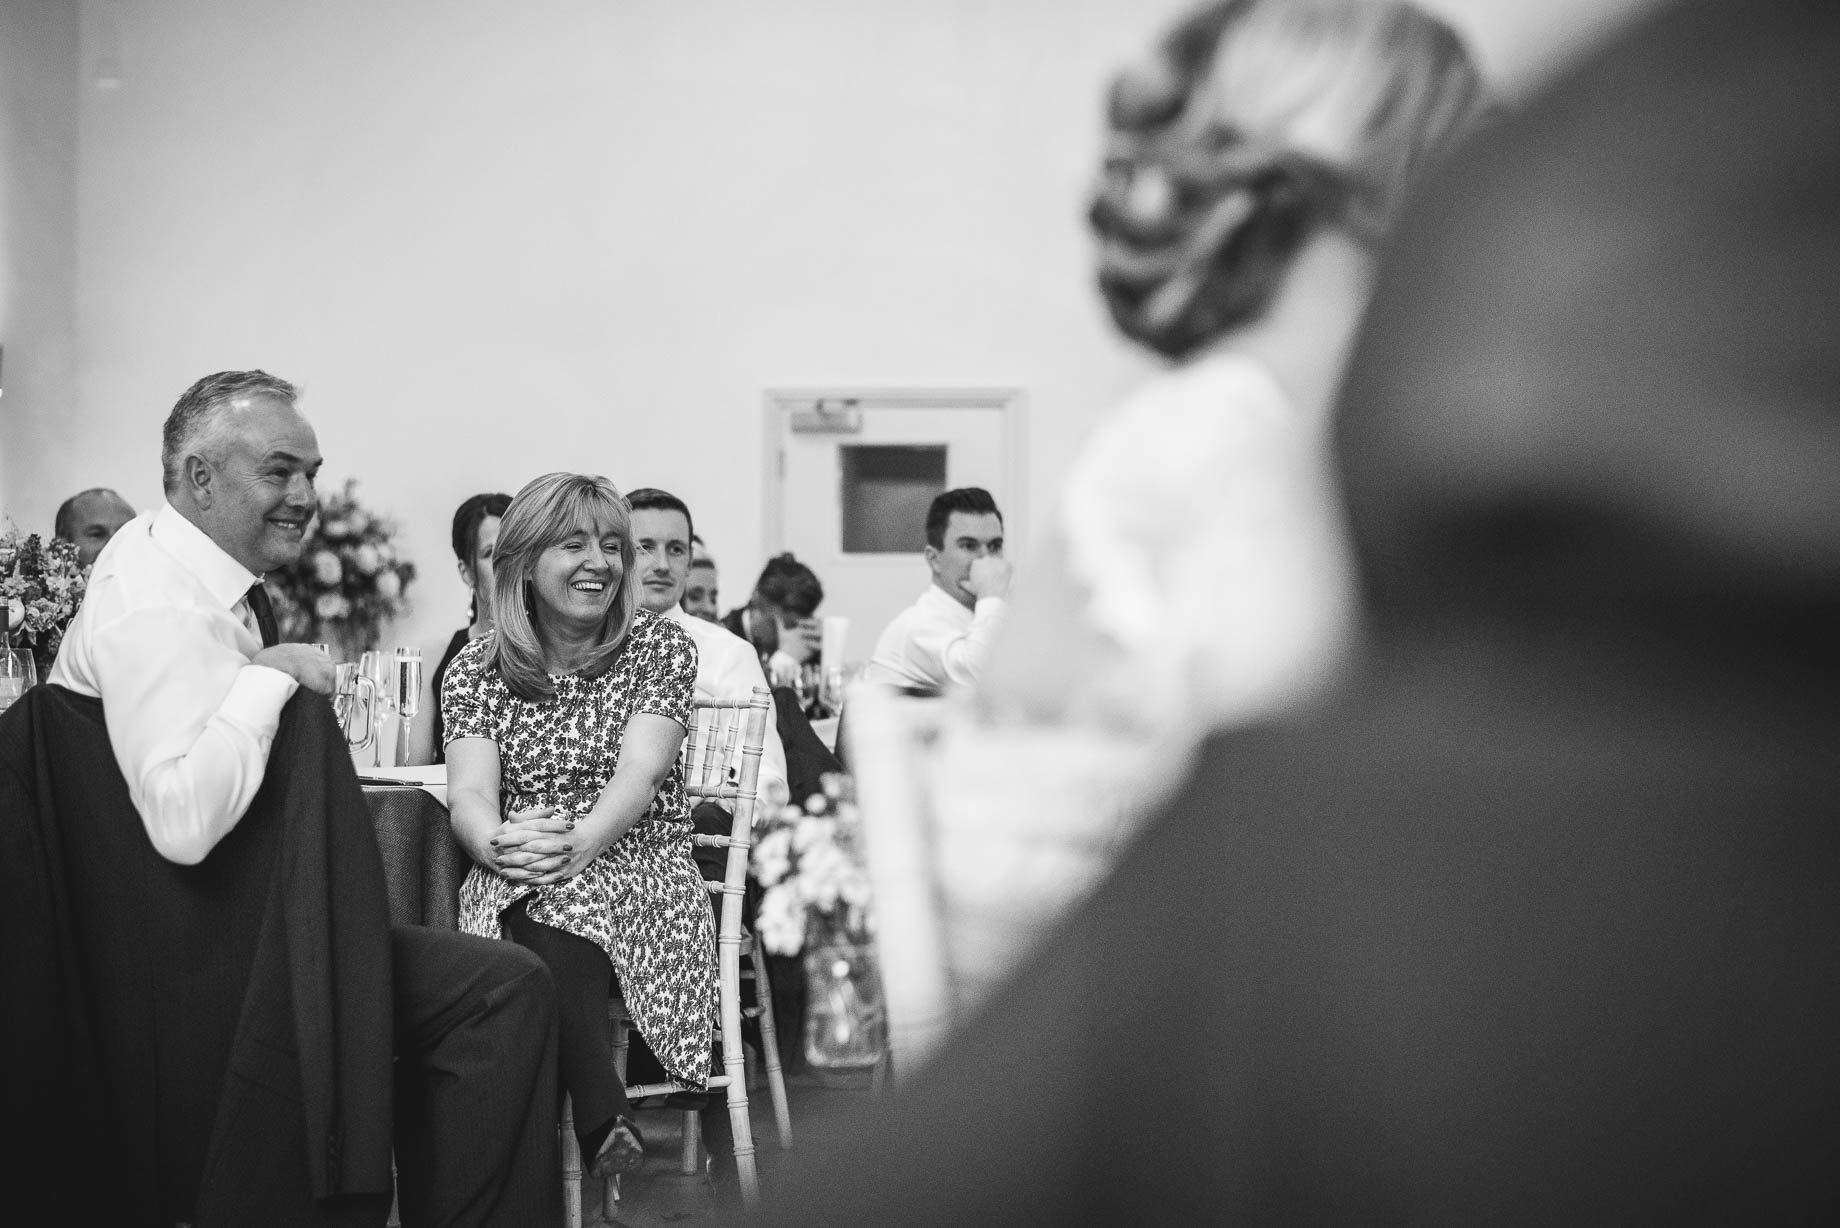 Millbridge Court Wedding Photography - Lisa and Daniel (135 of 173)